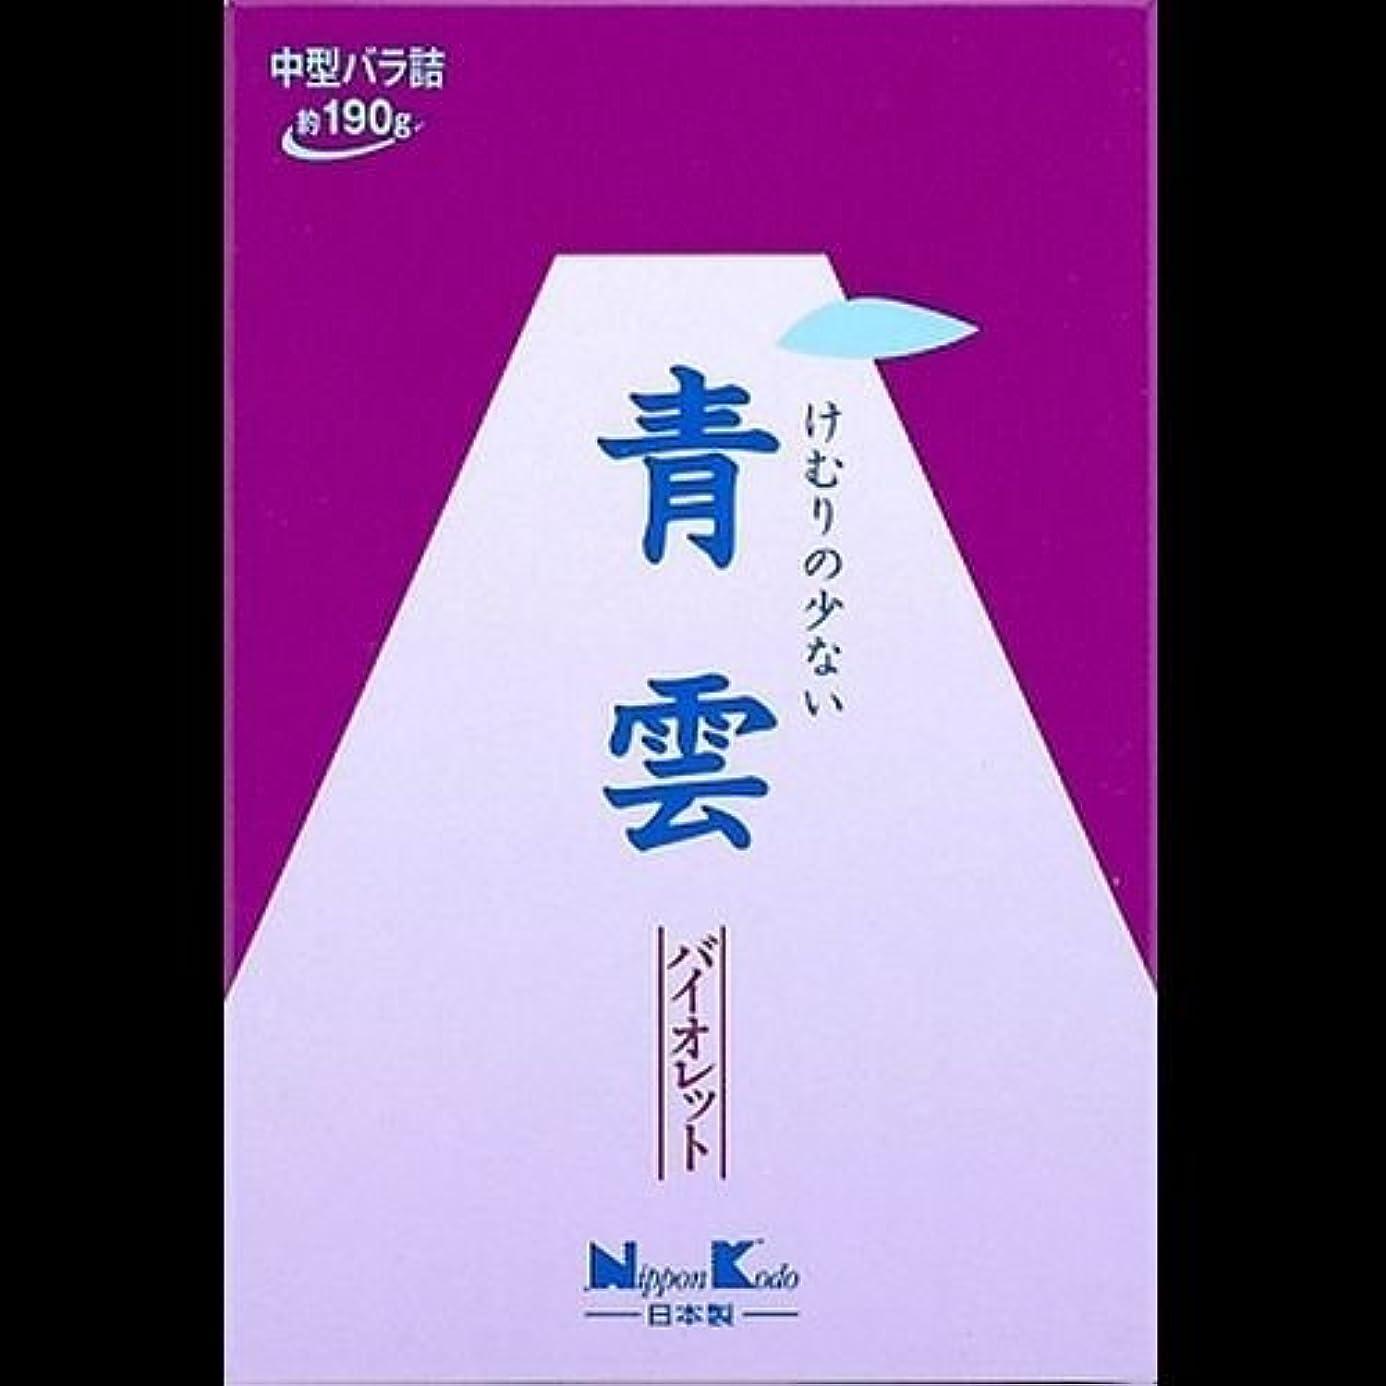 スキル崩壊乱す【まとめ買い】青雲 バイオレット中型バラ詰 ×2セット